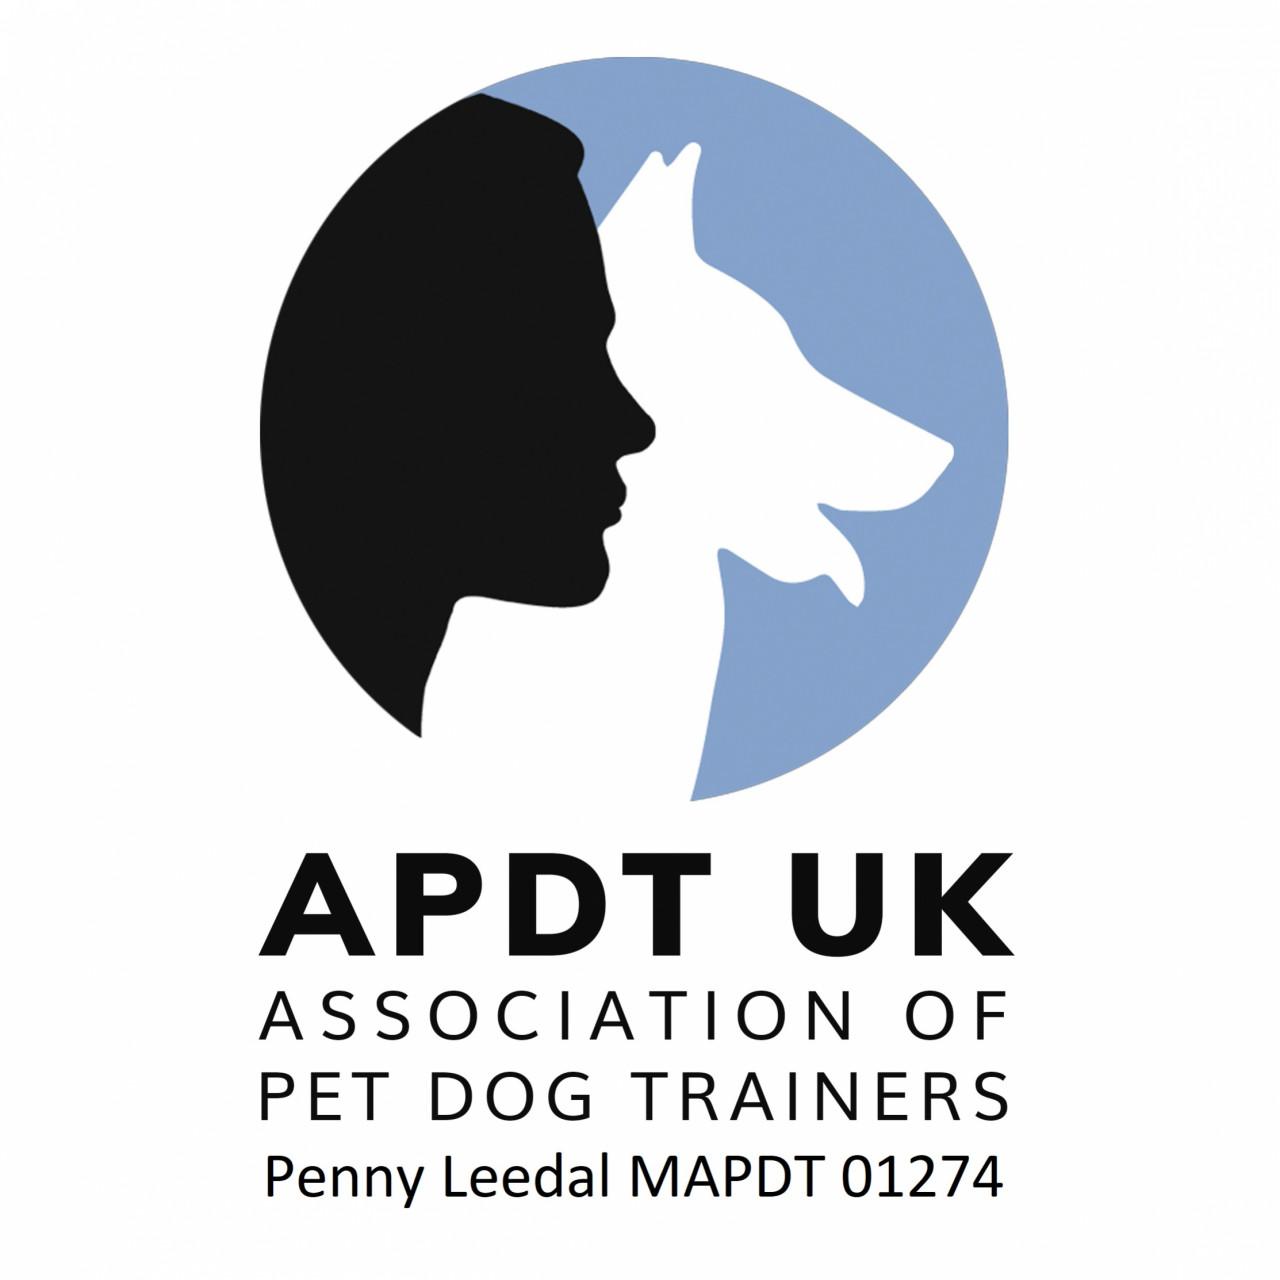 APDT UK